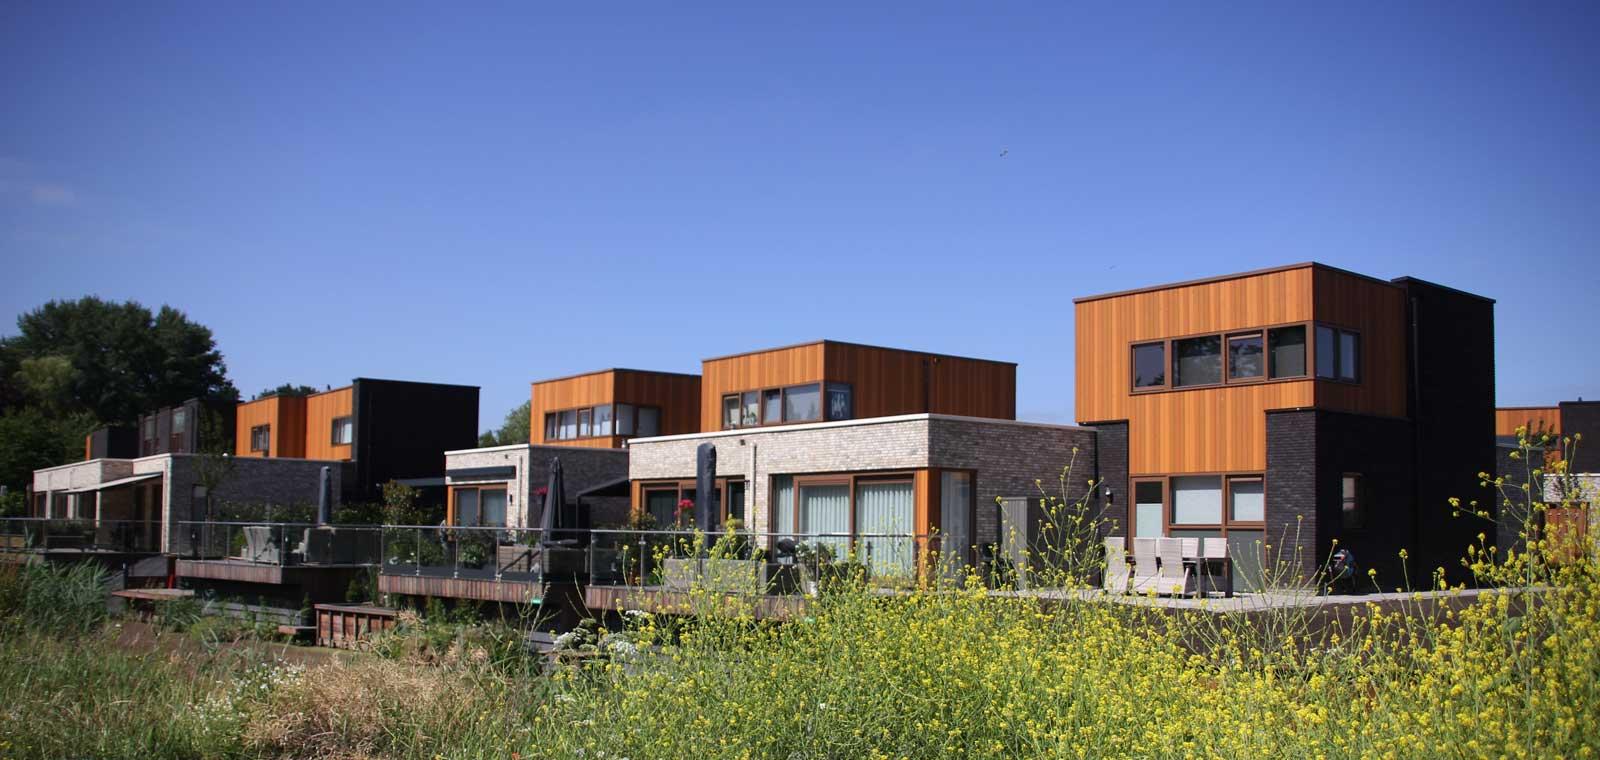 Teylingerhof Bleiswijk CPO Patiowoningen - Achterzijde